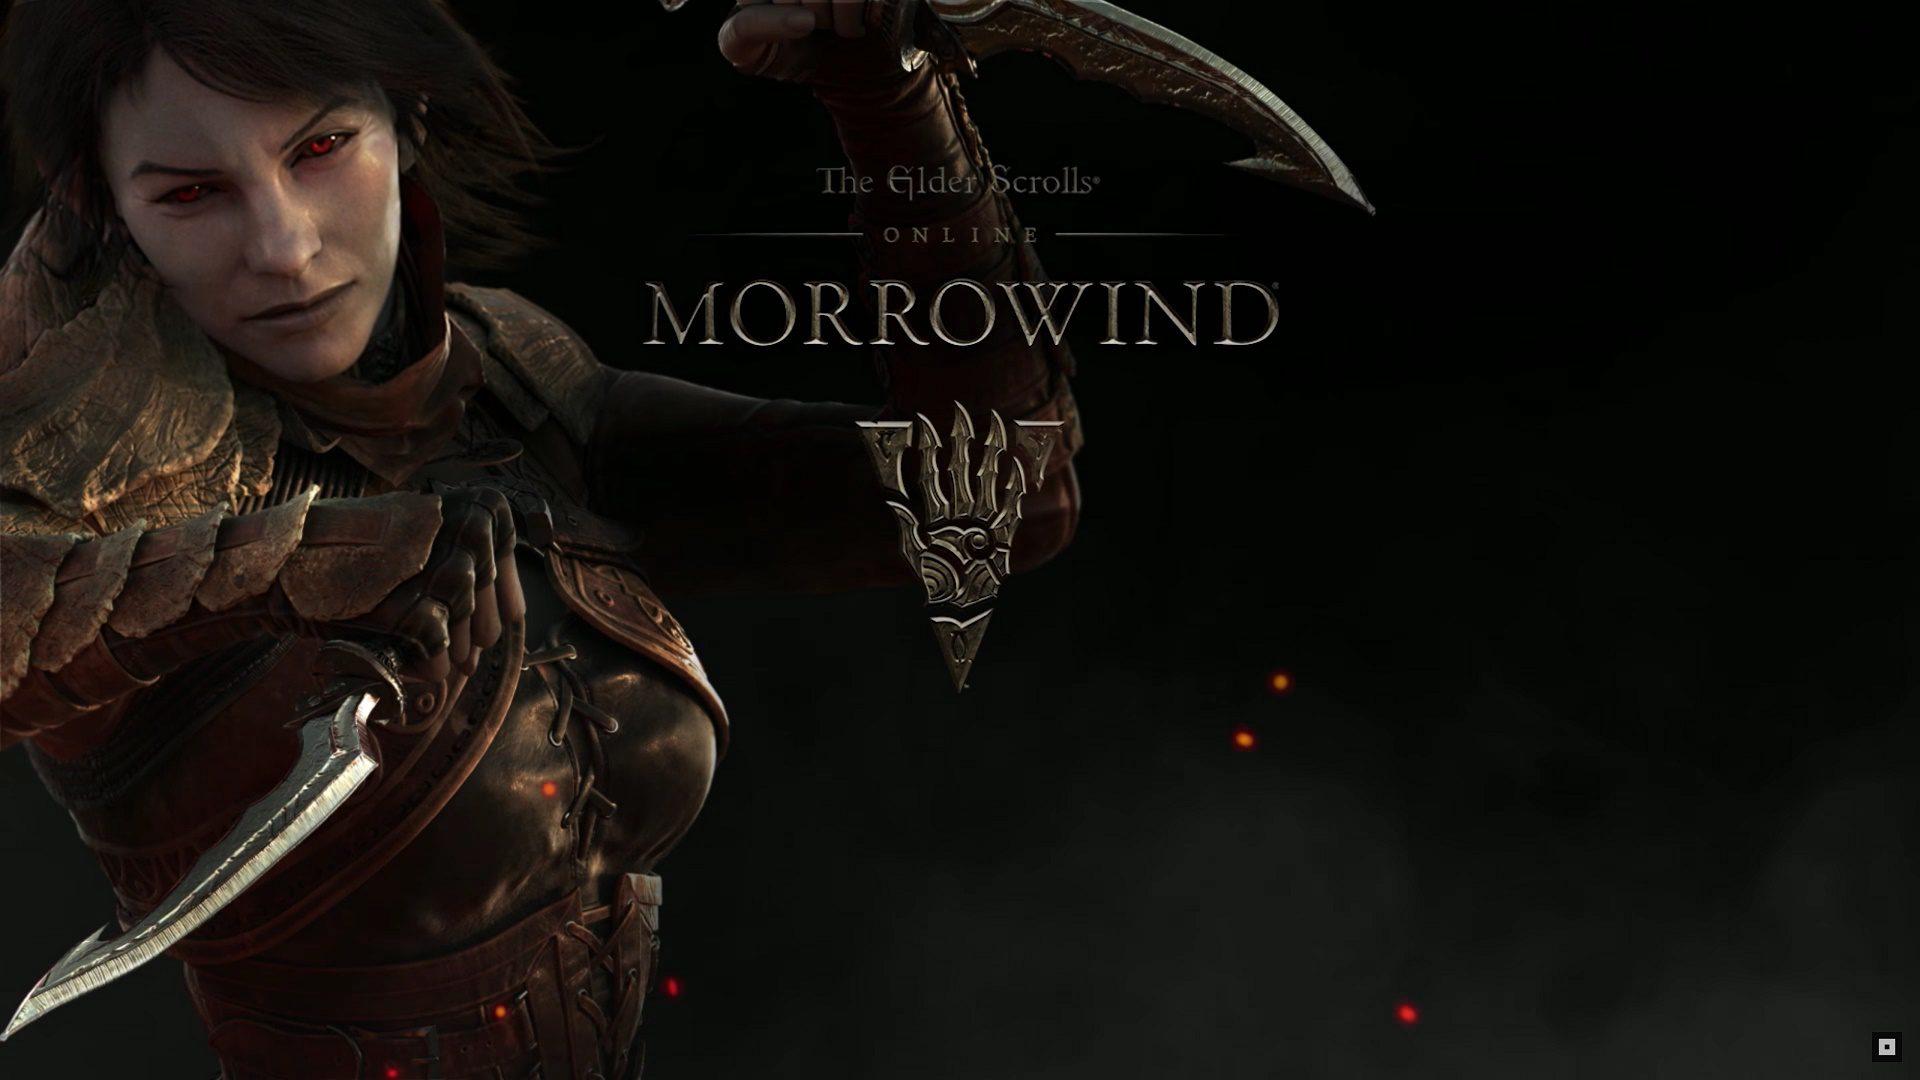 The-Elder-Scrolls-Online-Morrowind 3